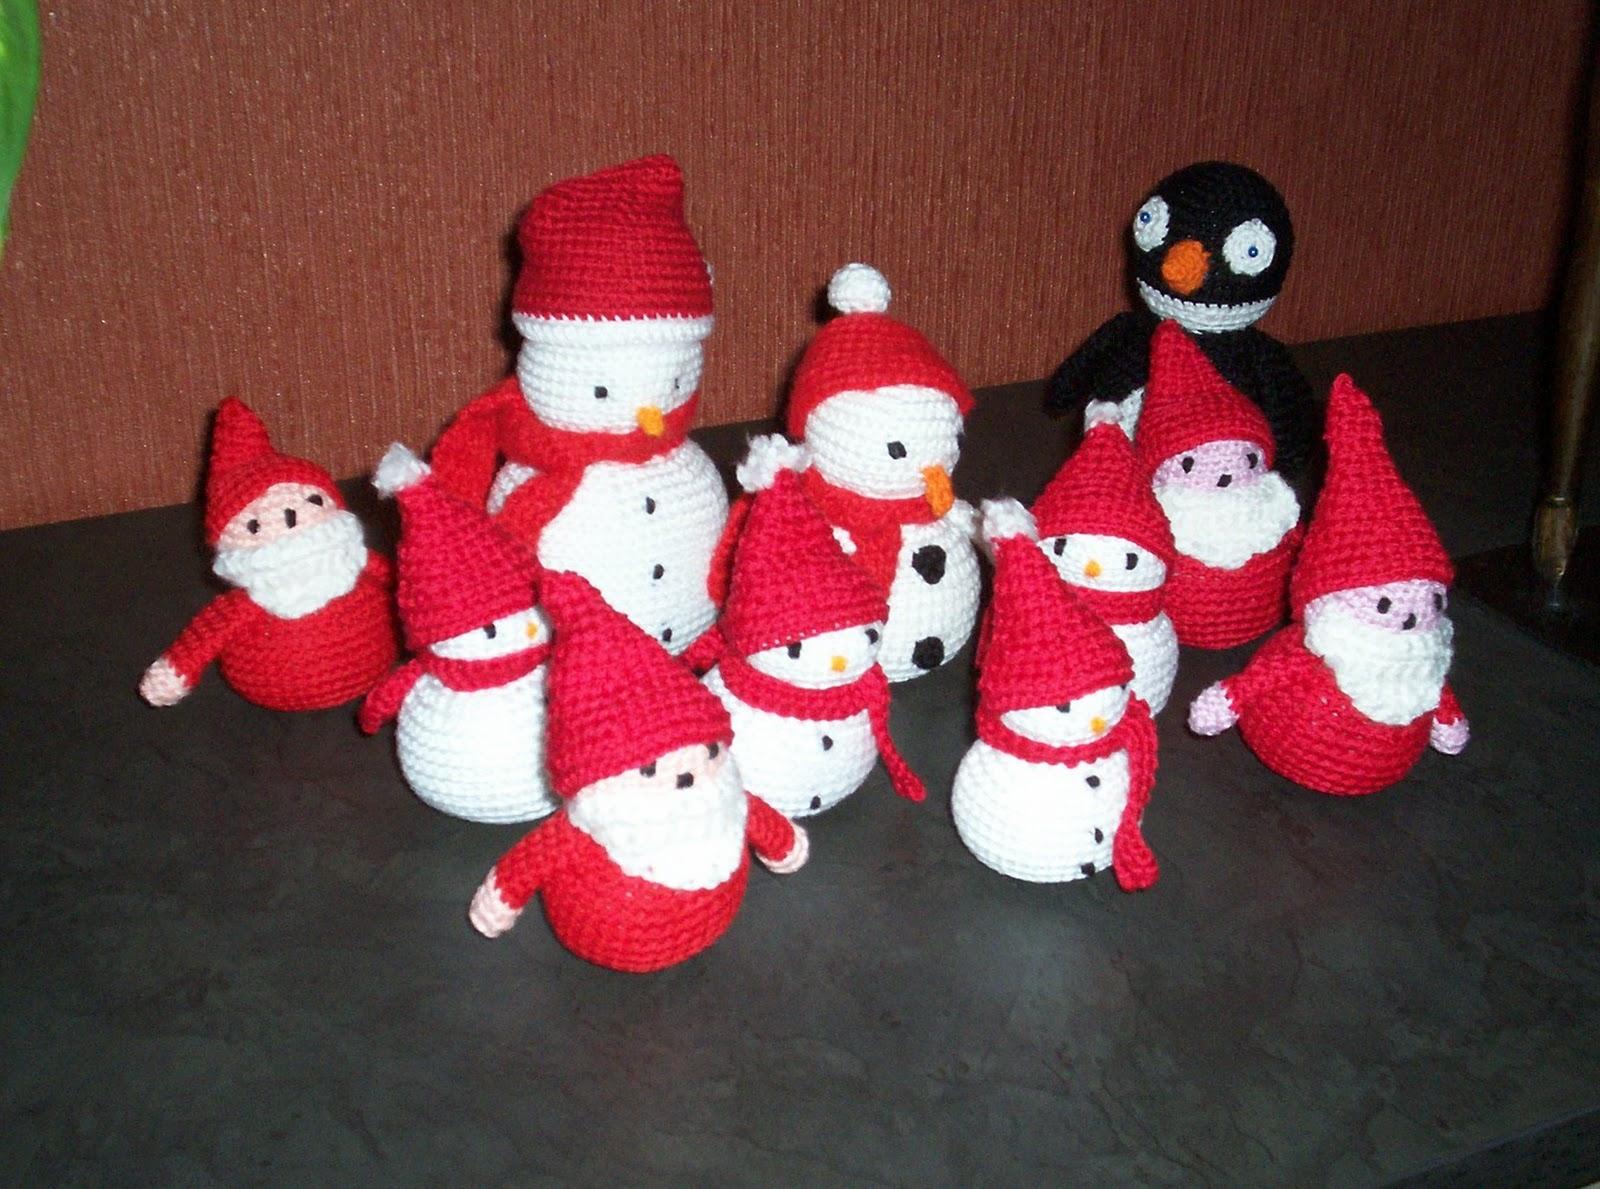 Amigurumi Bug Christmas Crochet 2 Haken Voor Kerst 2